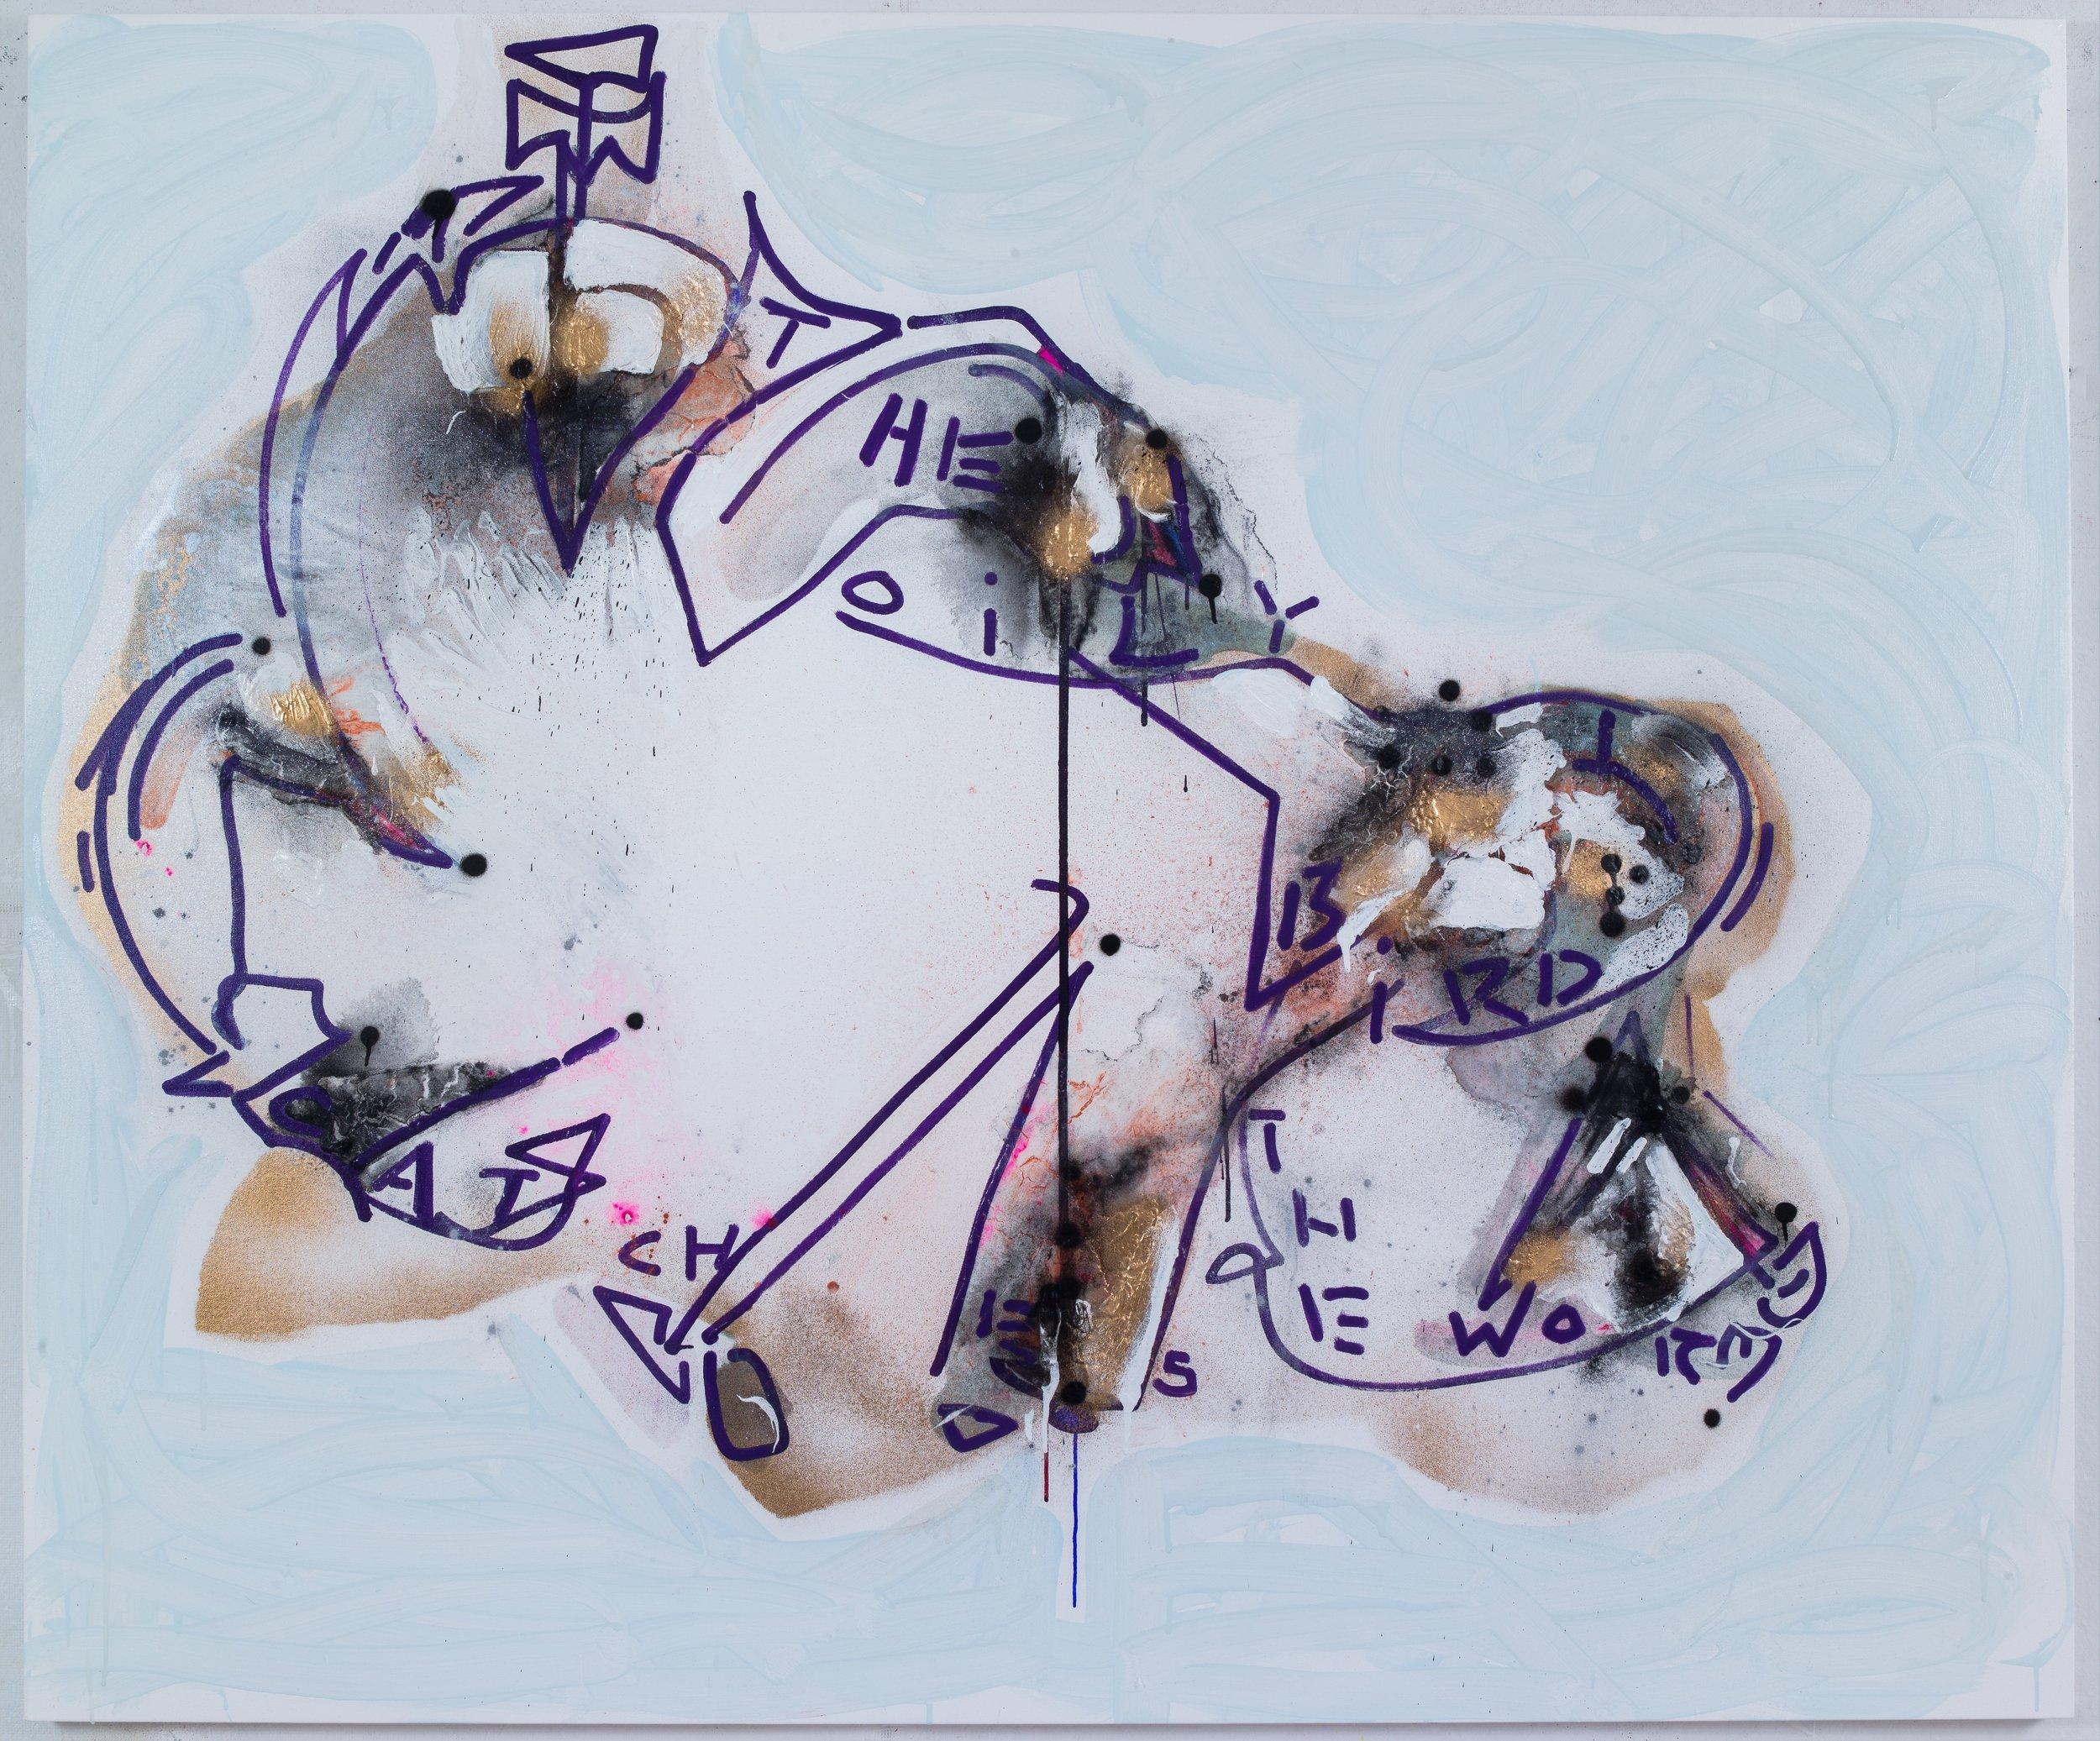 SM18_The+Oily+Bird+Catches+the+Worm_60x72in_Jason+Mandella.jpg